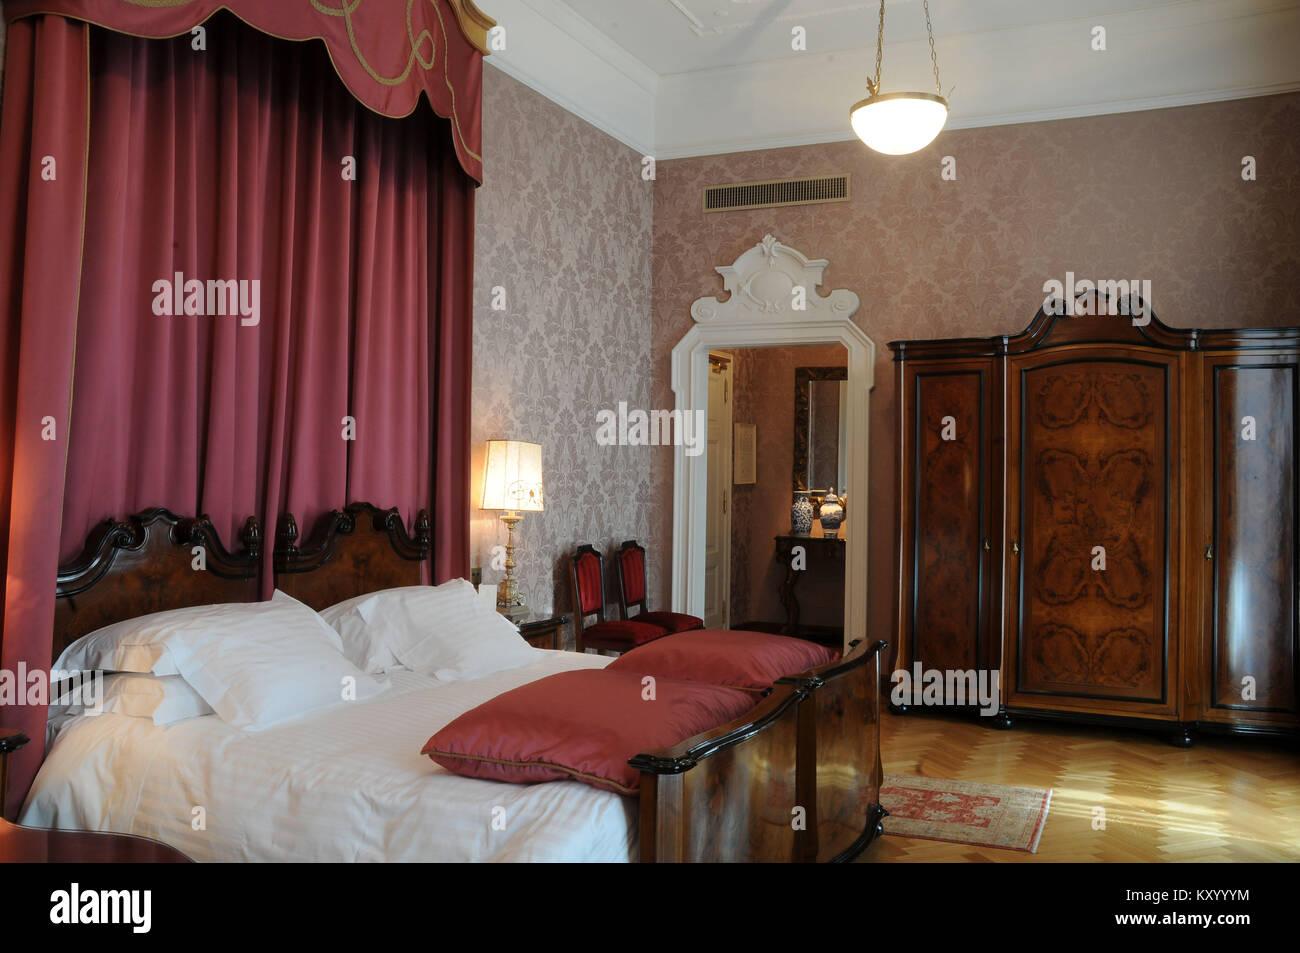 Bedroom Suite Grand Hotel Et Milan Verdi Milan Italy Stock - Italian bedroom furniture 2013